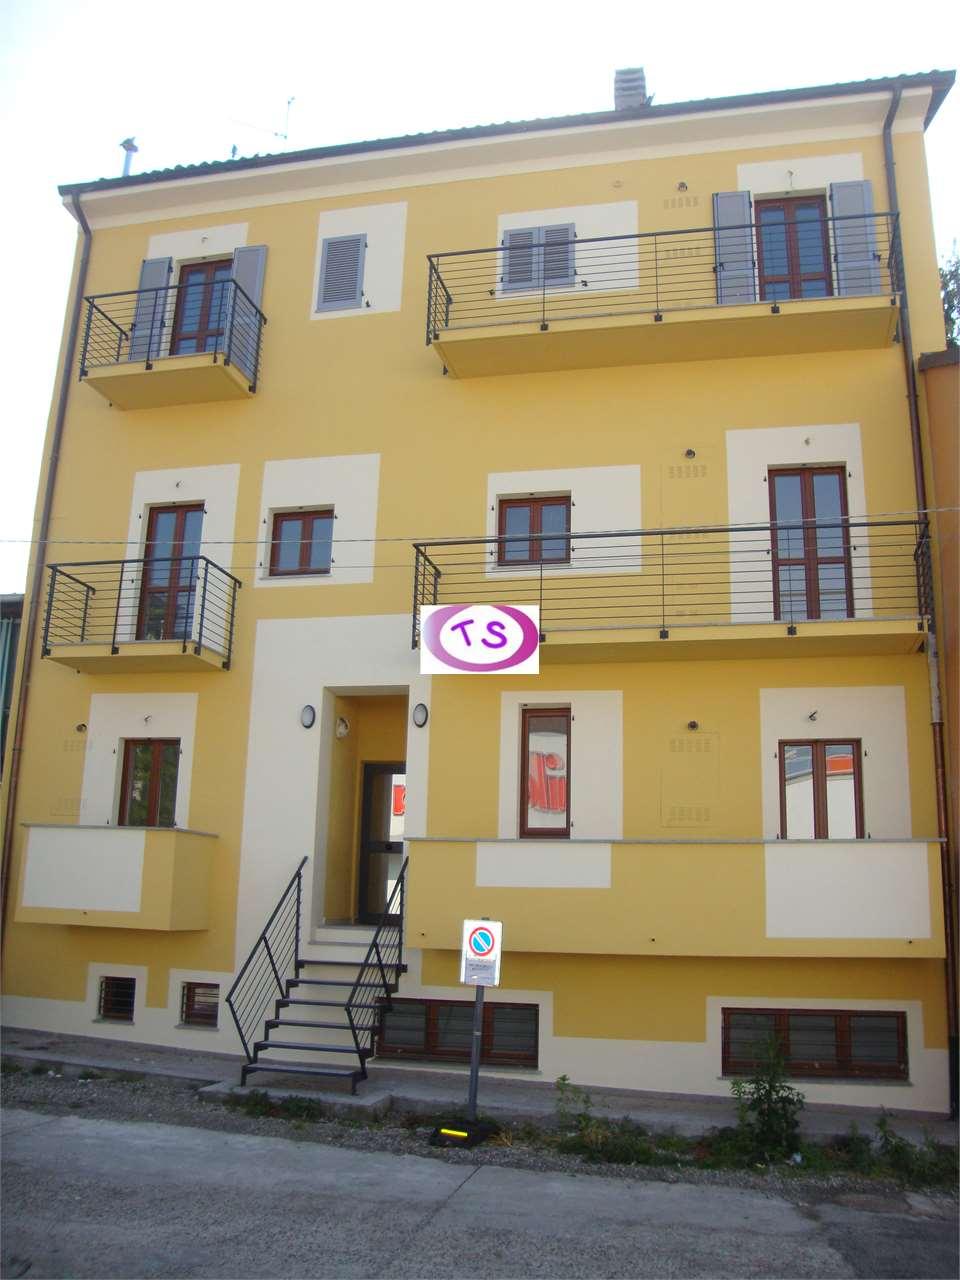 Ufficio / Studio in affitto a Casale Monferrato, 3 locali, prezzo € 250 | Cambio Casa.it